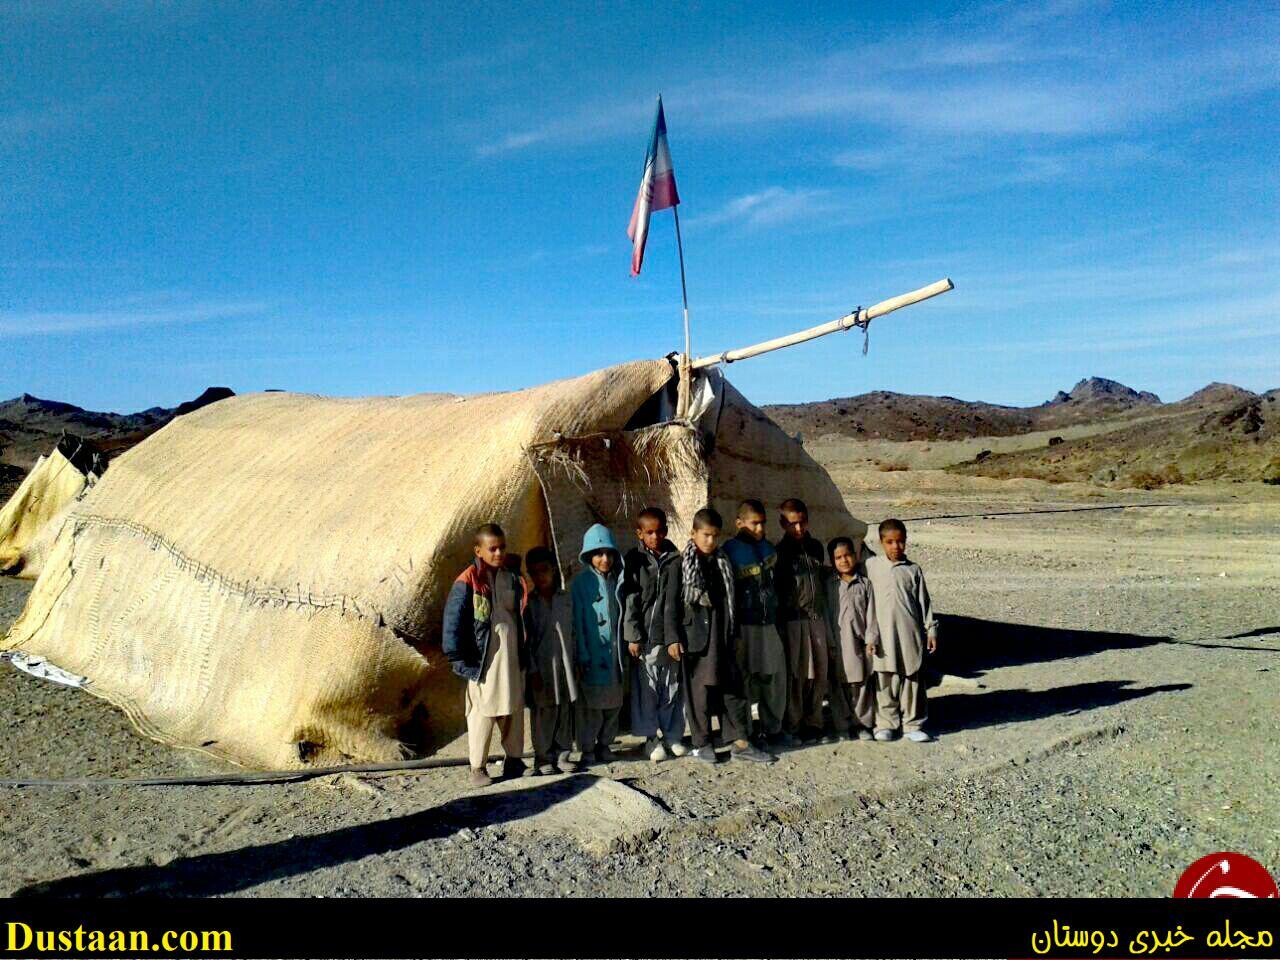 www.dustaan.com تصاویر: سرمای شدید و قصه پرسوز دانش آموزان کپرنشین